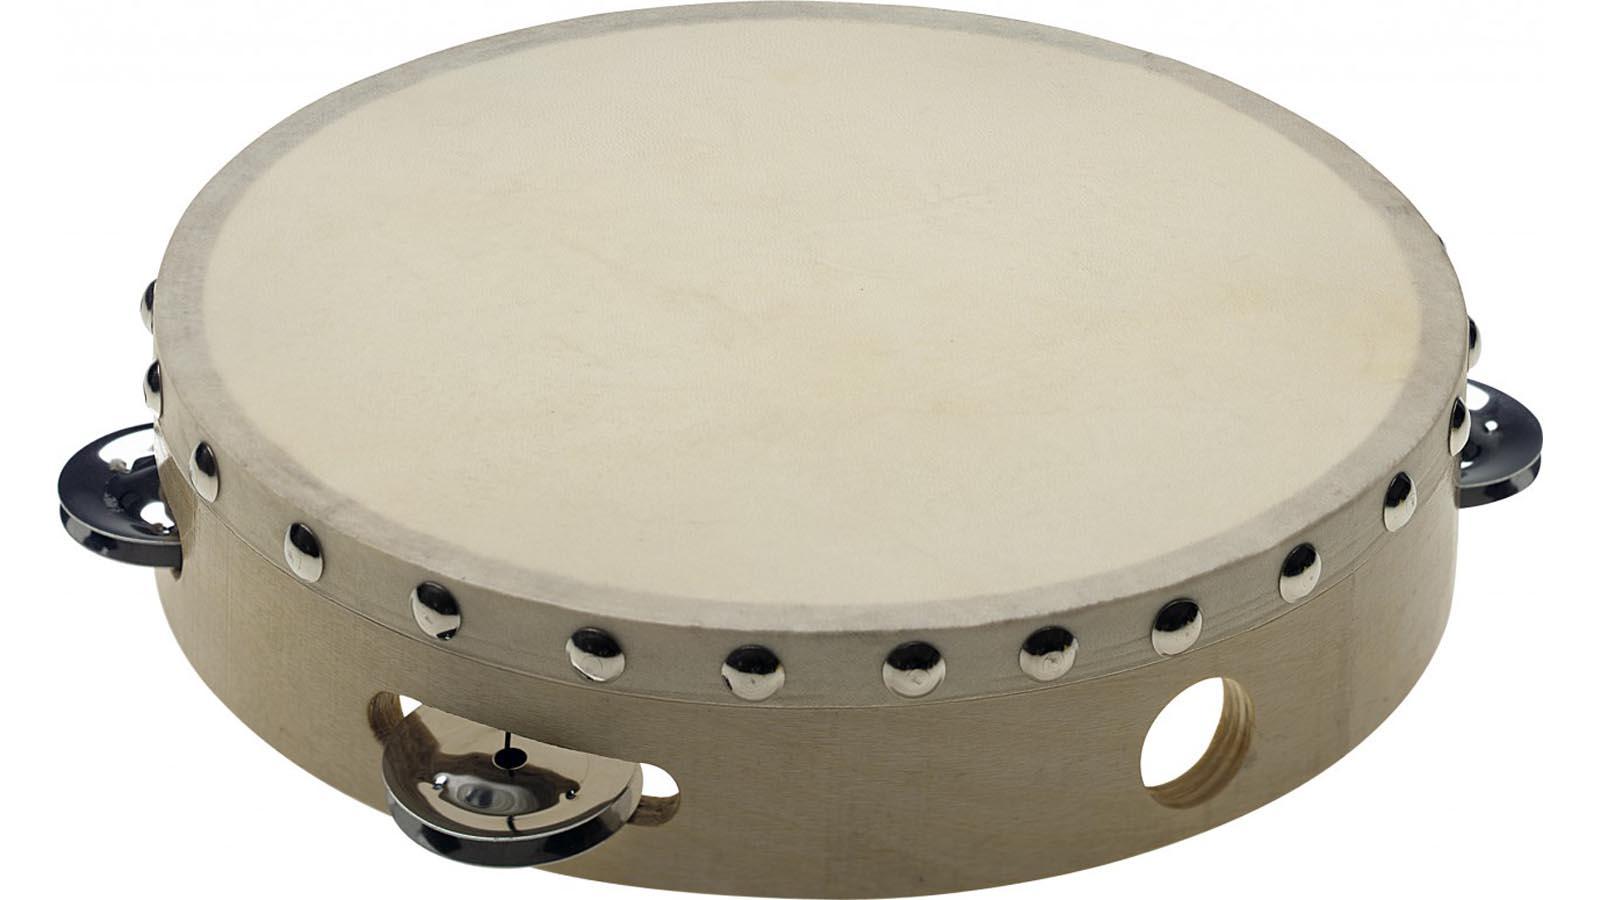 Stagg 8'' Holz-Tamburin mit Fell mit Schellen